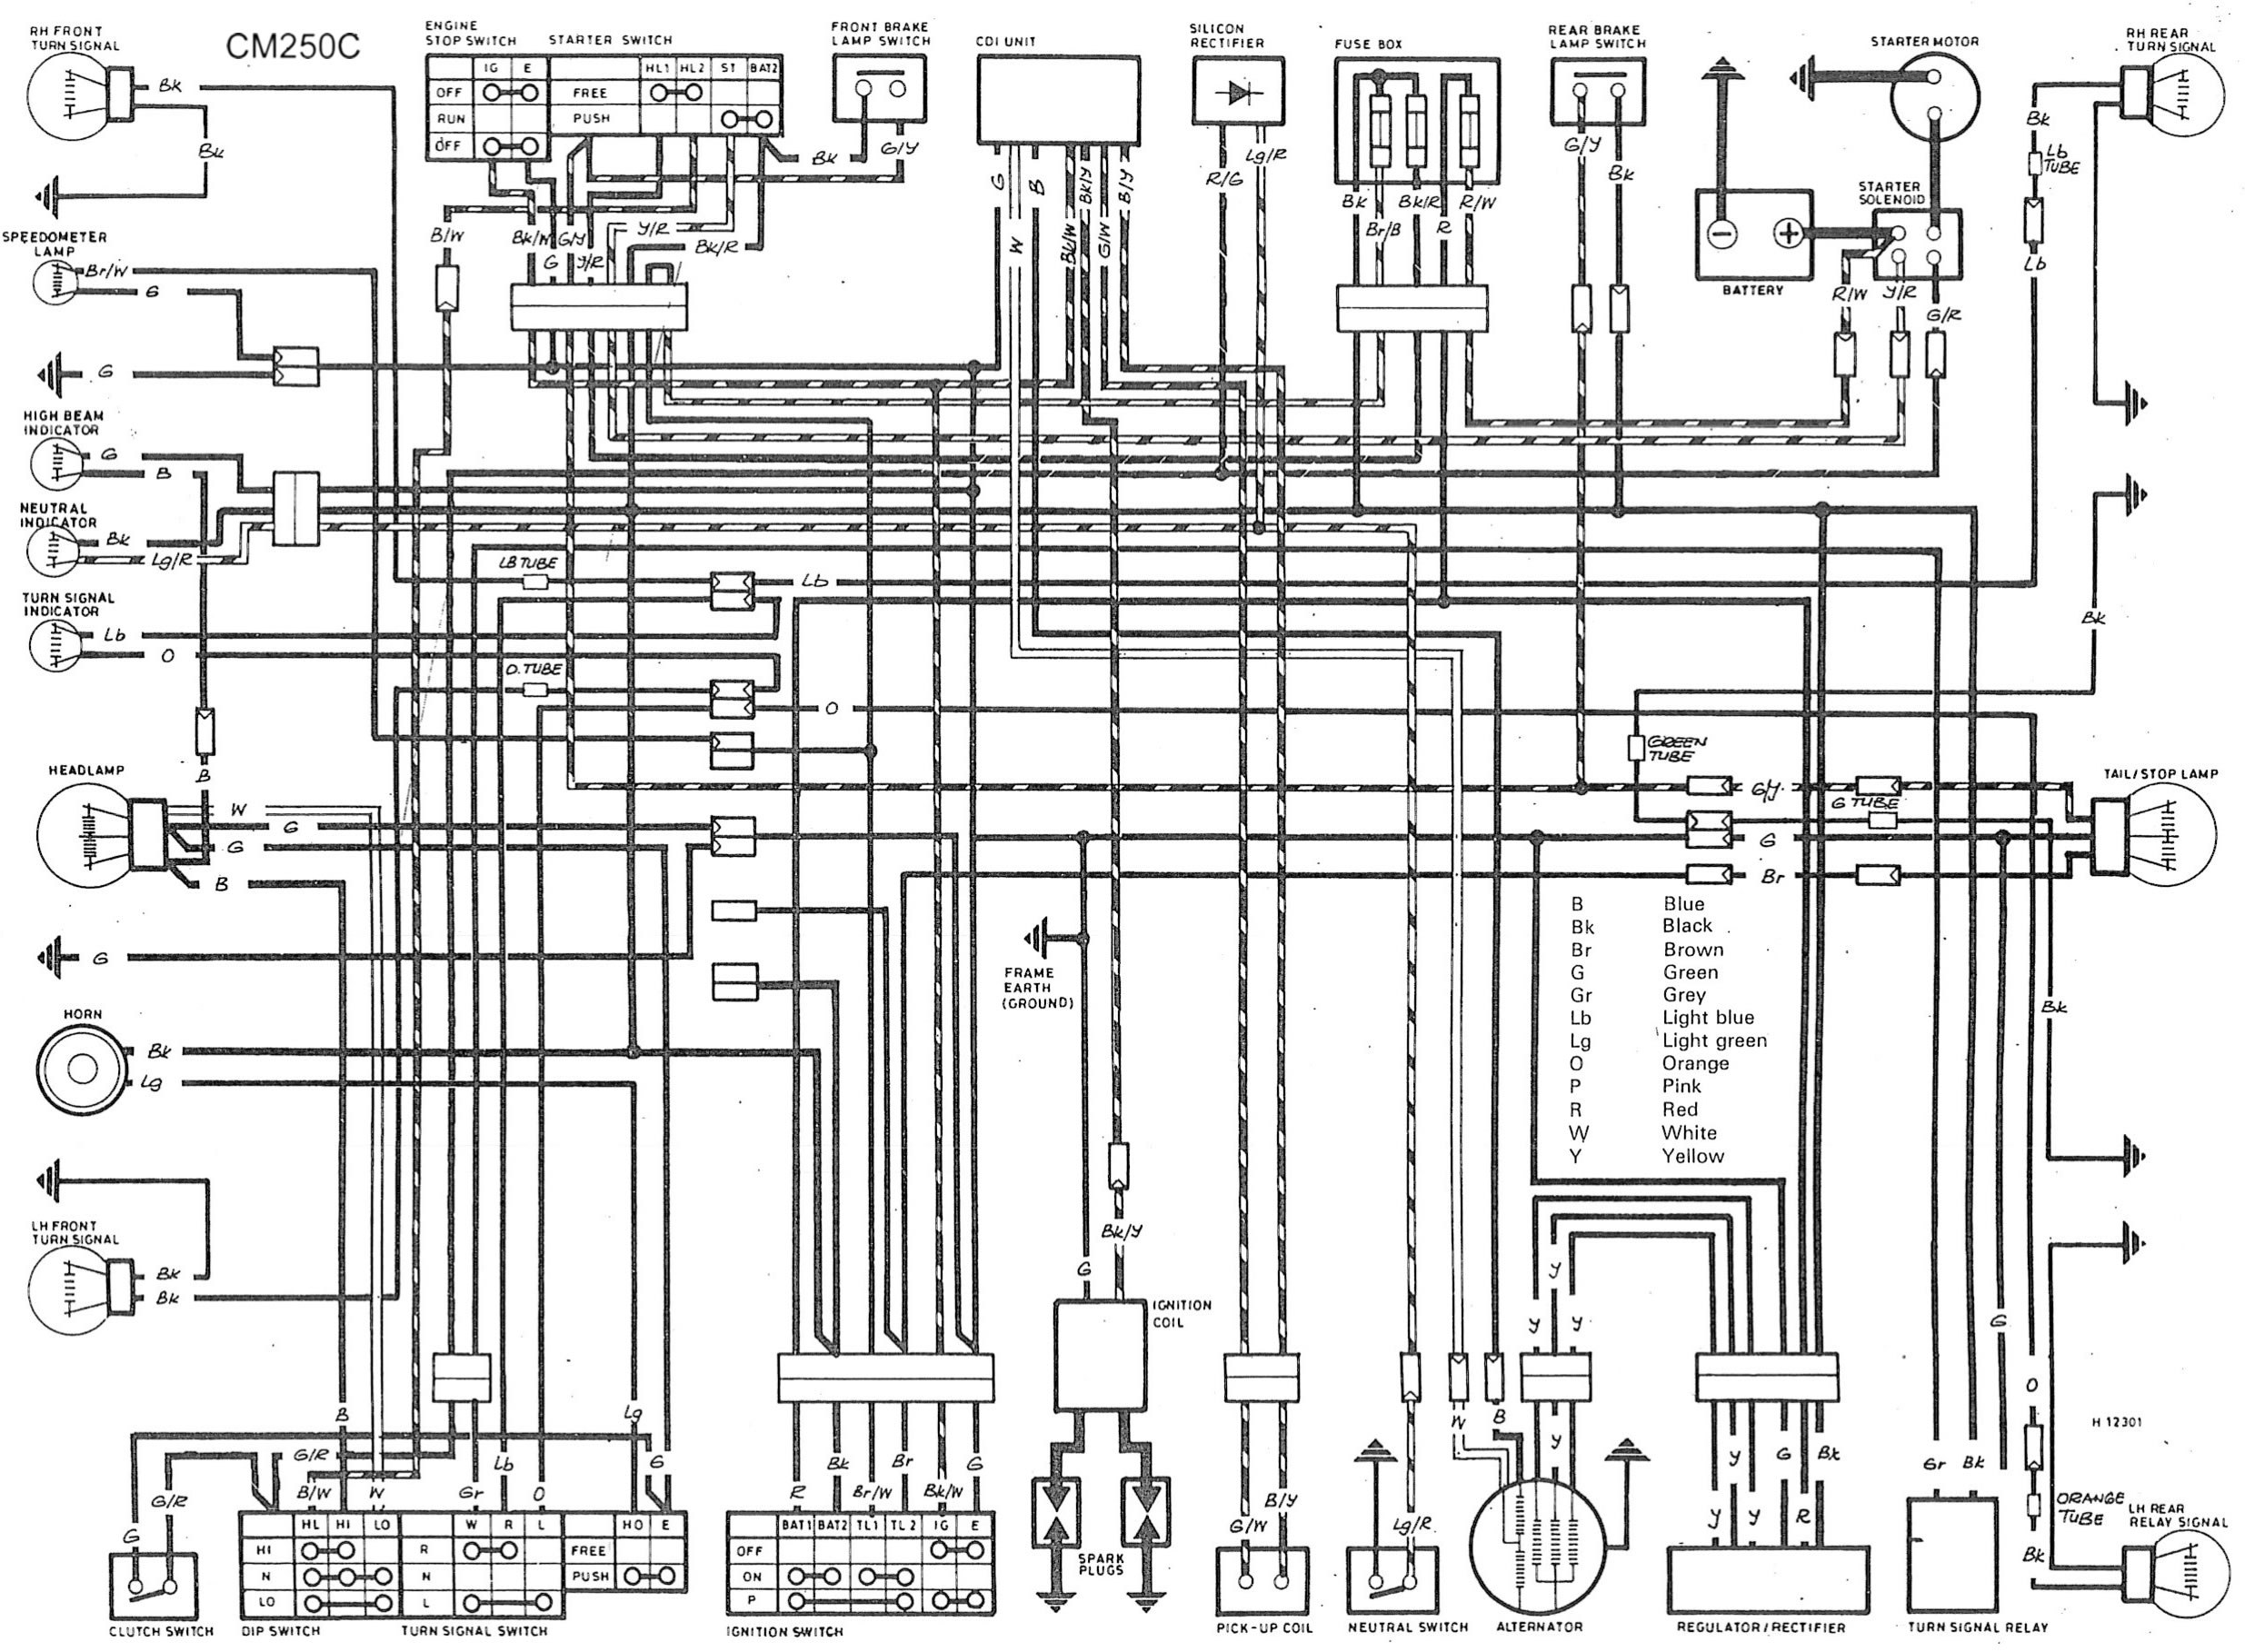 Tz 5314 1982 Yamaha Virago Xv920 Wiring Diagram On Virago 1992 Xv750 Diagram Download Diagram